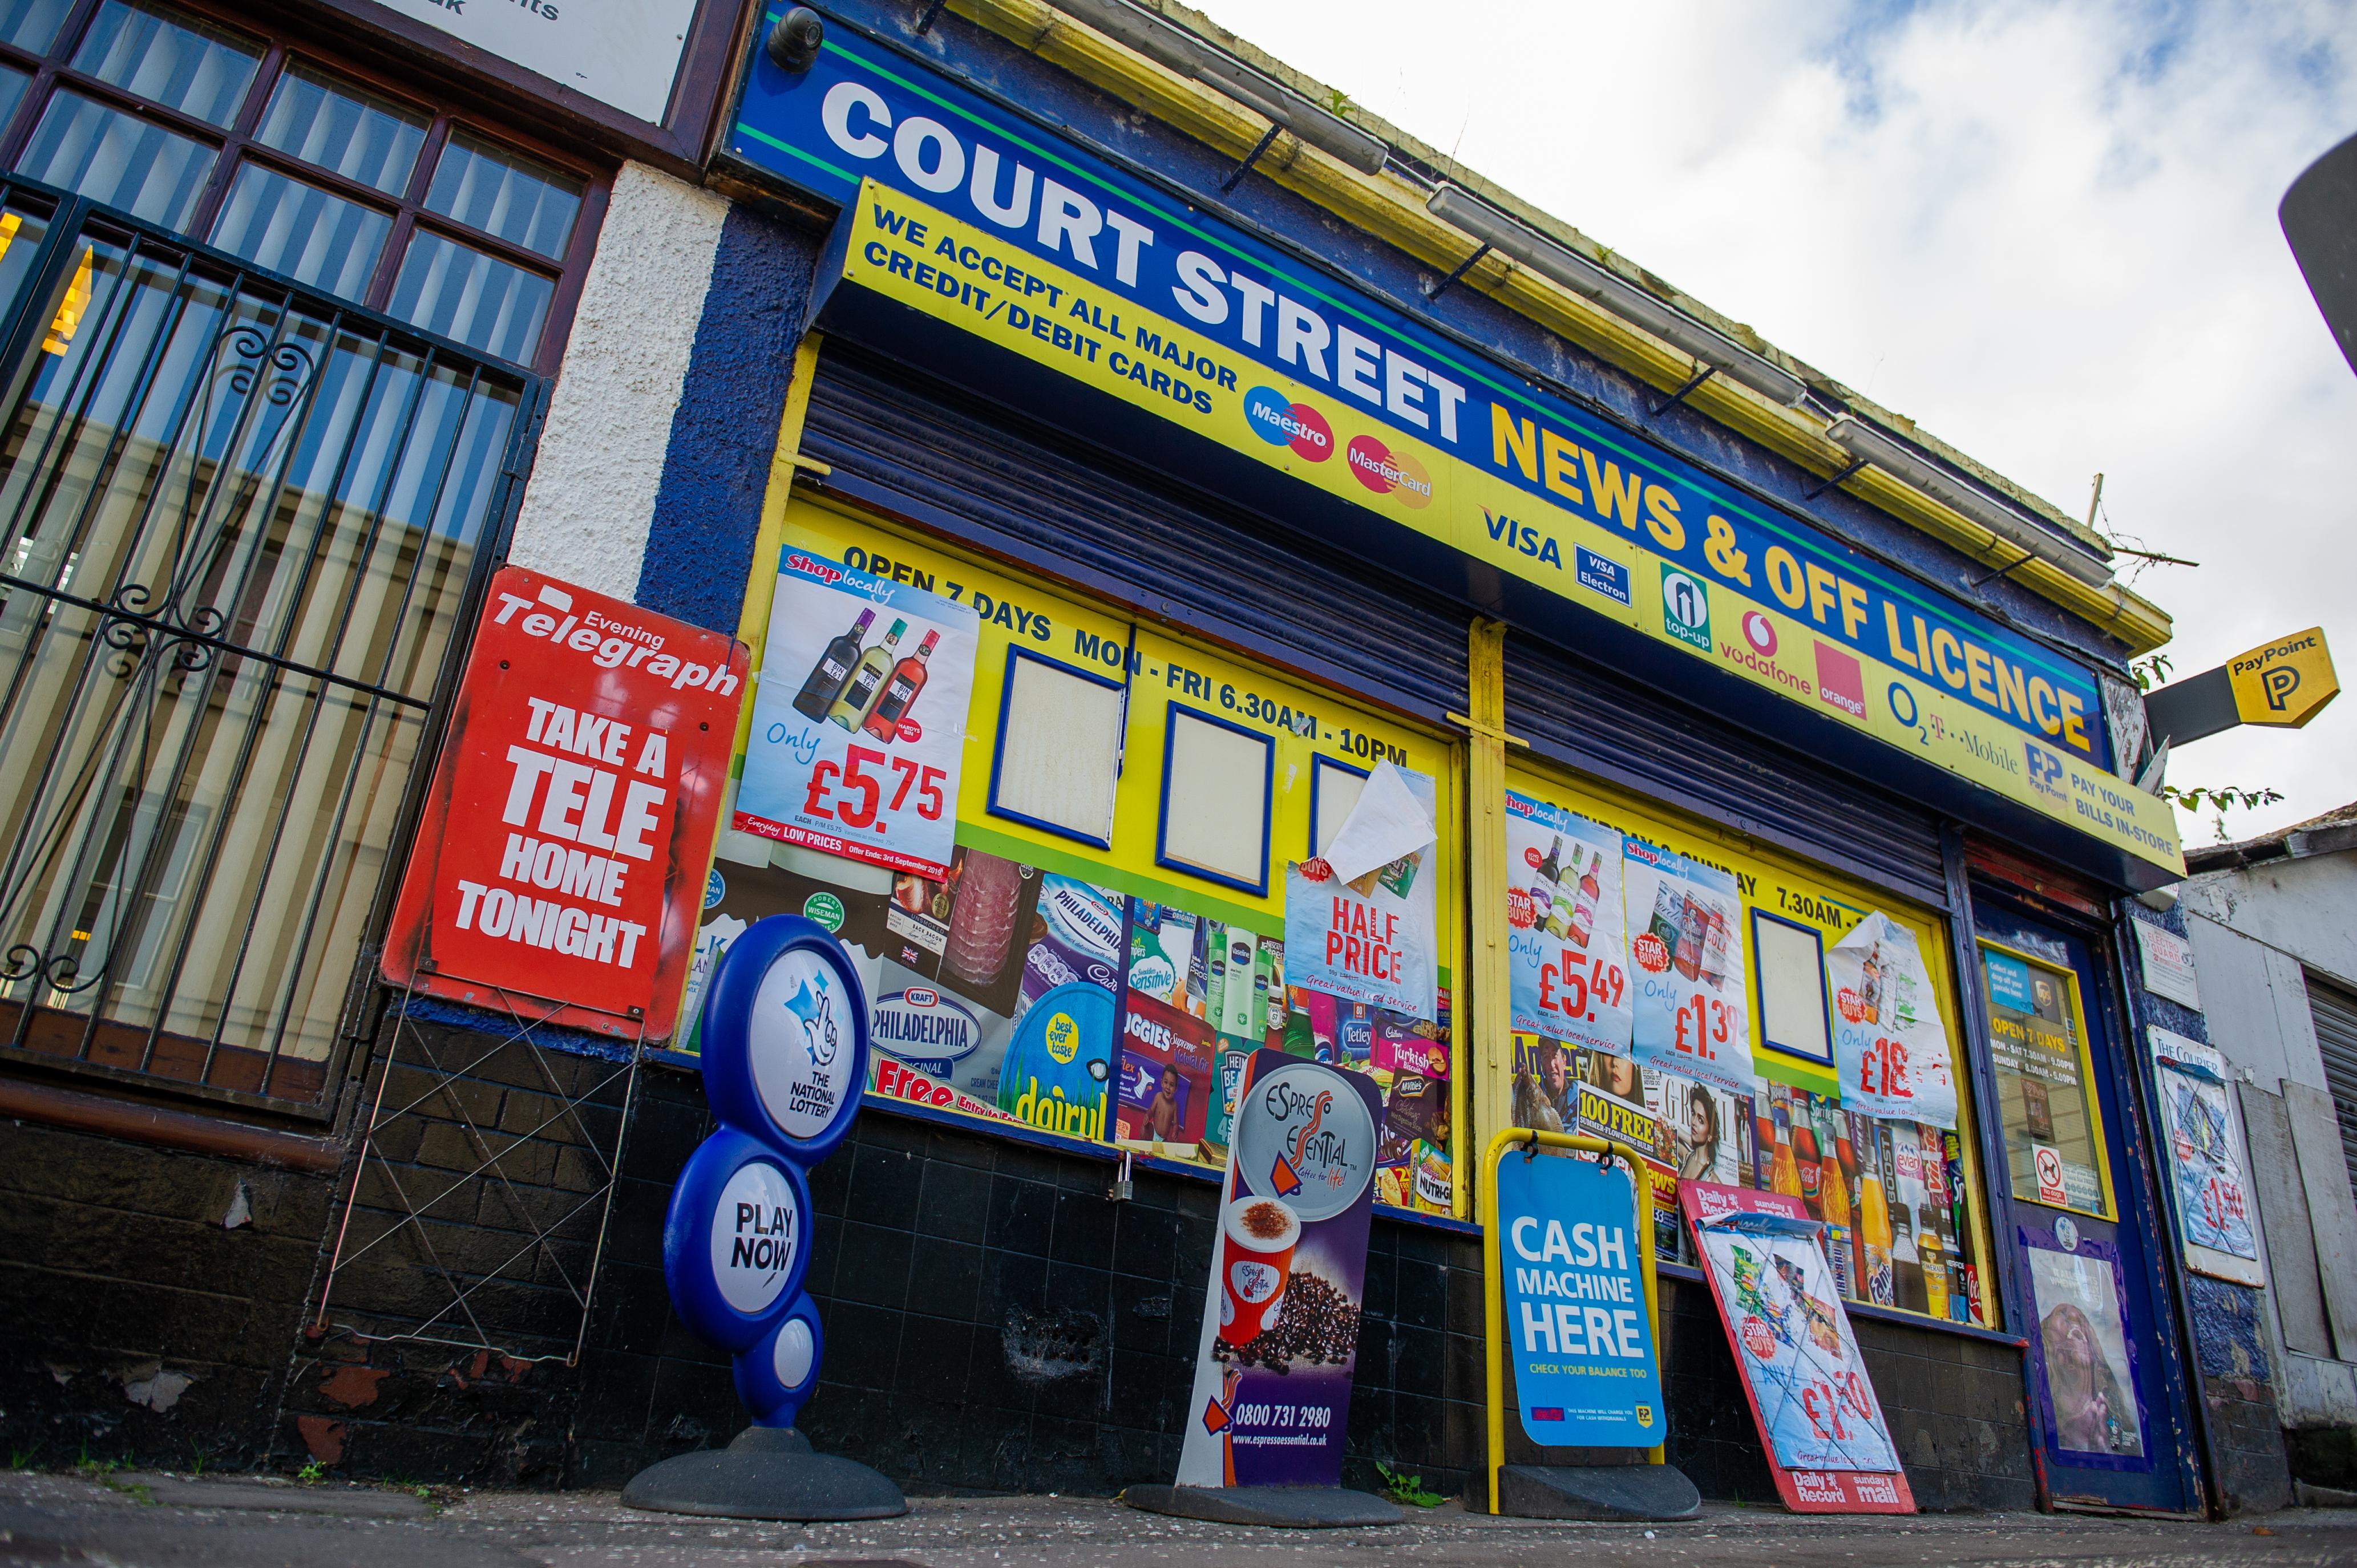 Court Street News